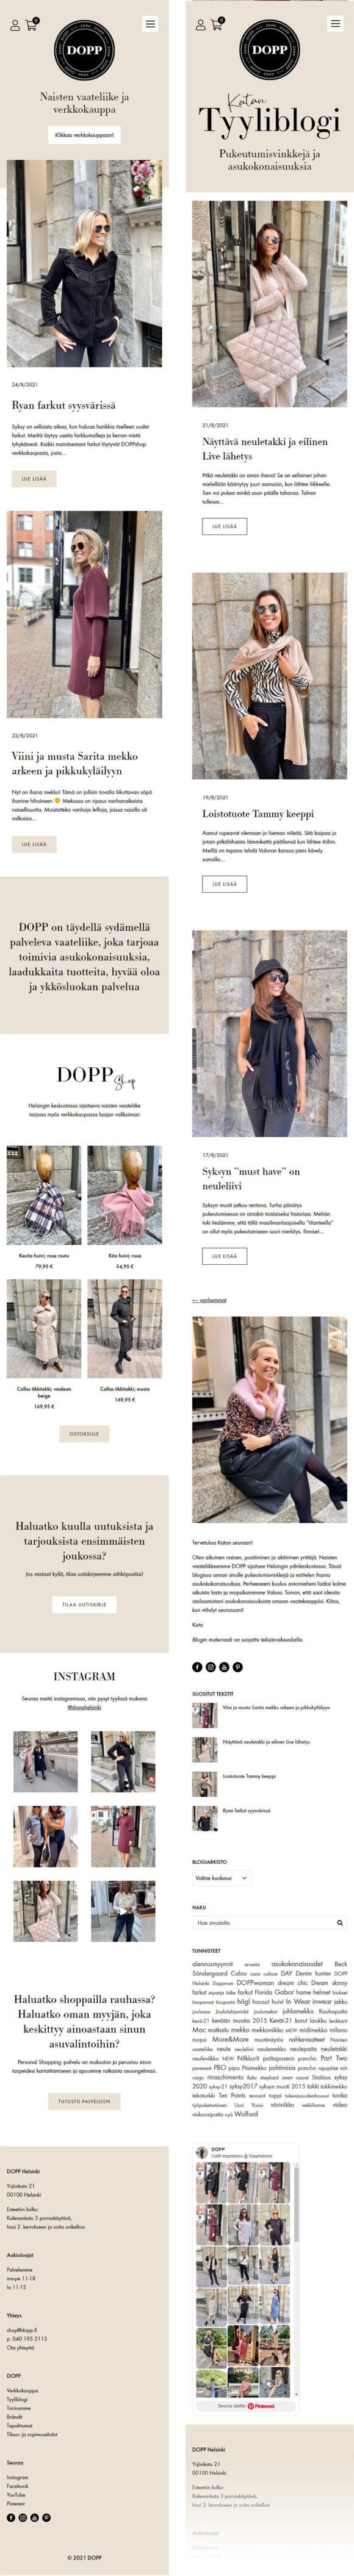 WooCommerce-verkkokauppa: DOPP vaateliike ja tyyliblogi, mobiilinäkymiä - Mediakumpu